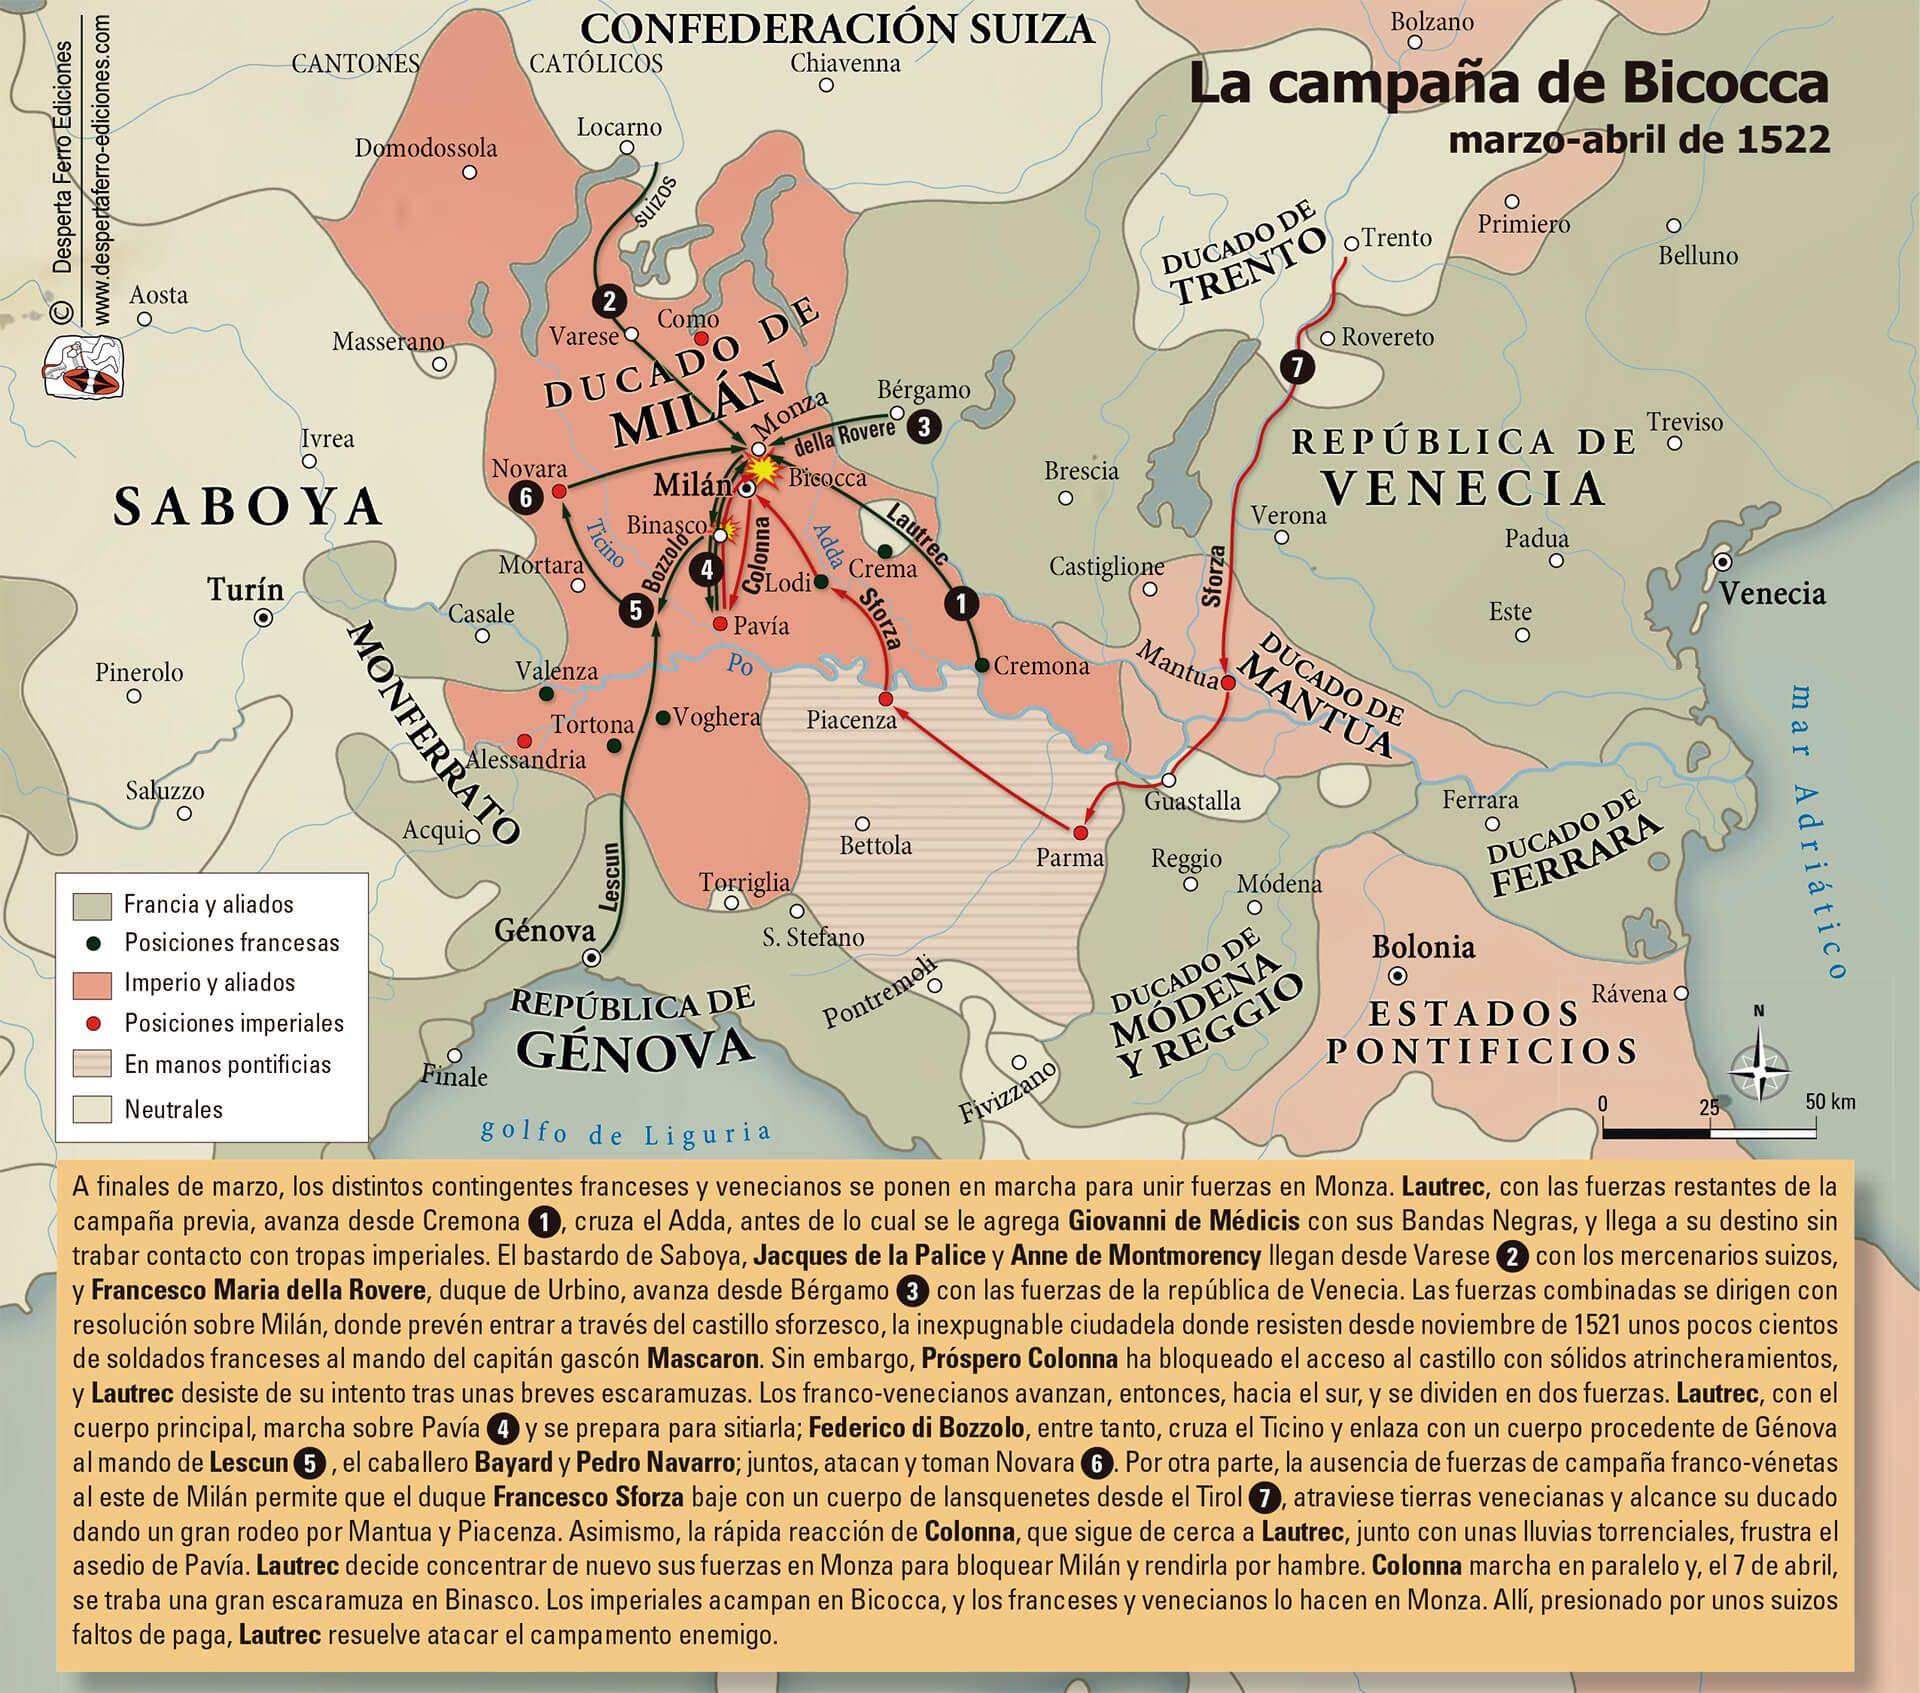 Mapa campaña batalla de Bicocca 1522